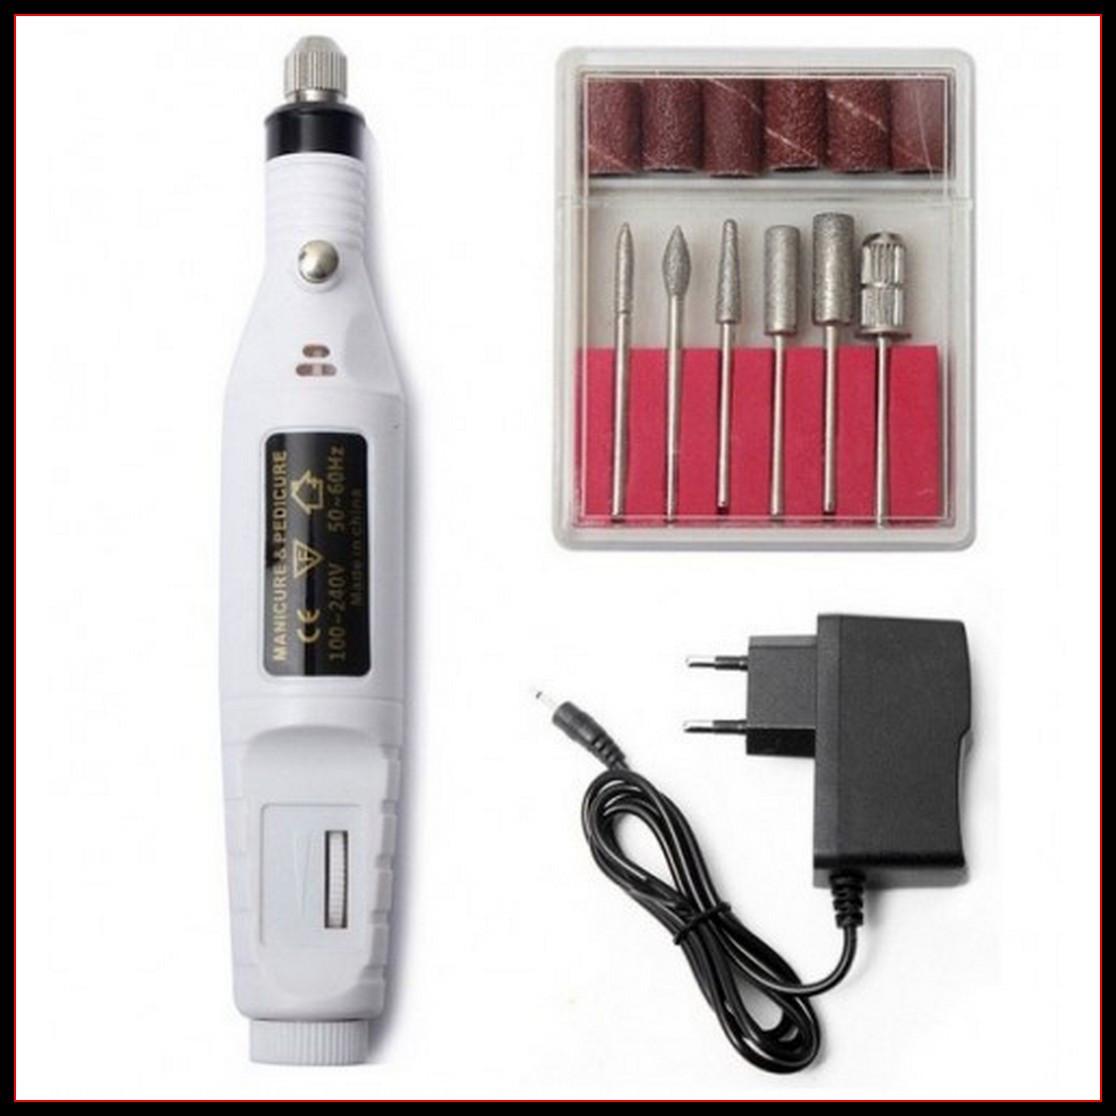 Машинка для маникюра и педикюра 6 в 1, фрезер ручка белый цвет